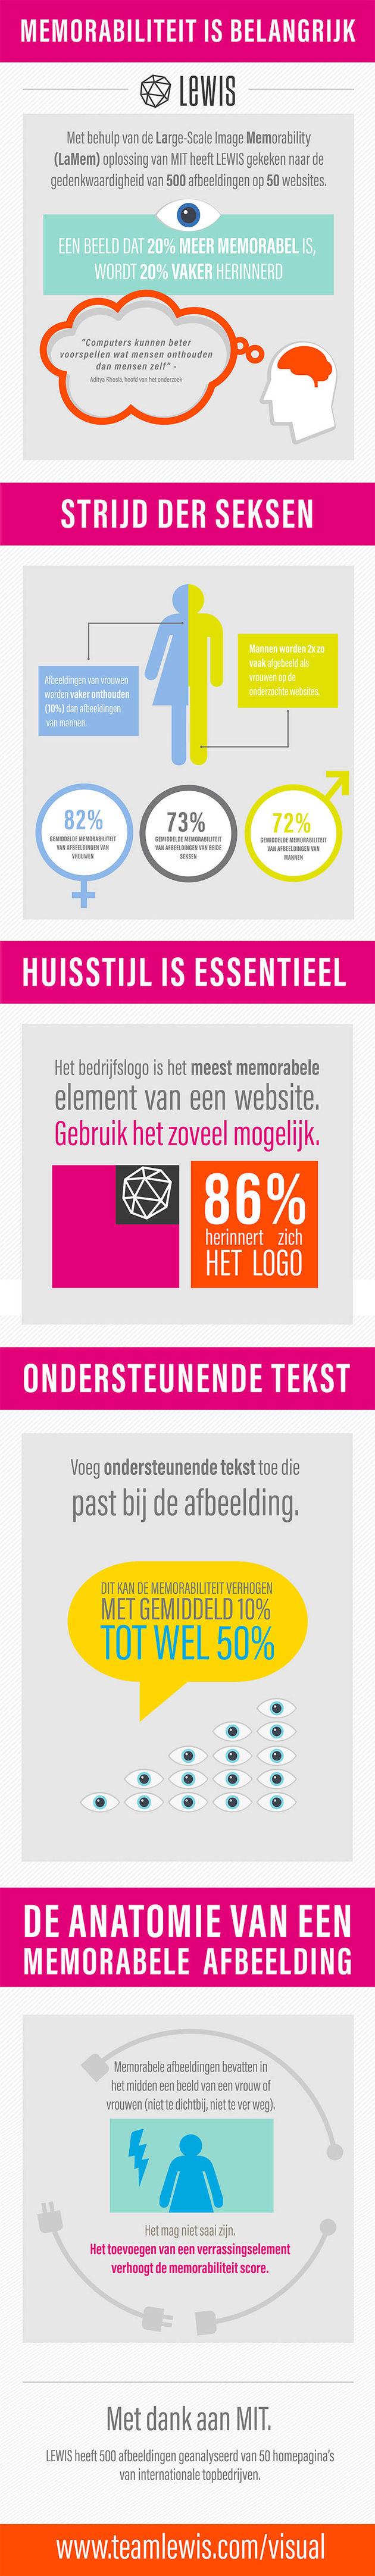 MIT_Infographic_VN